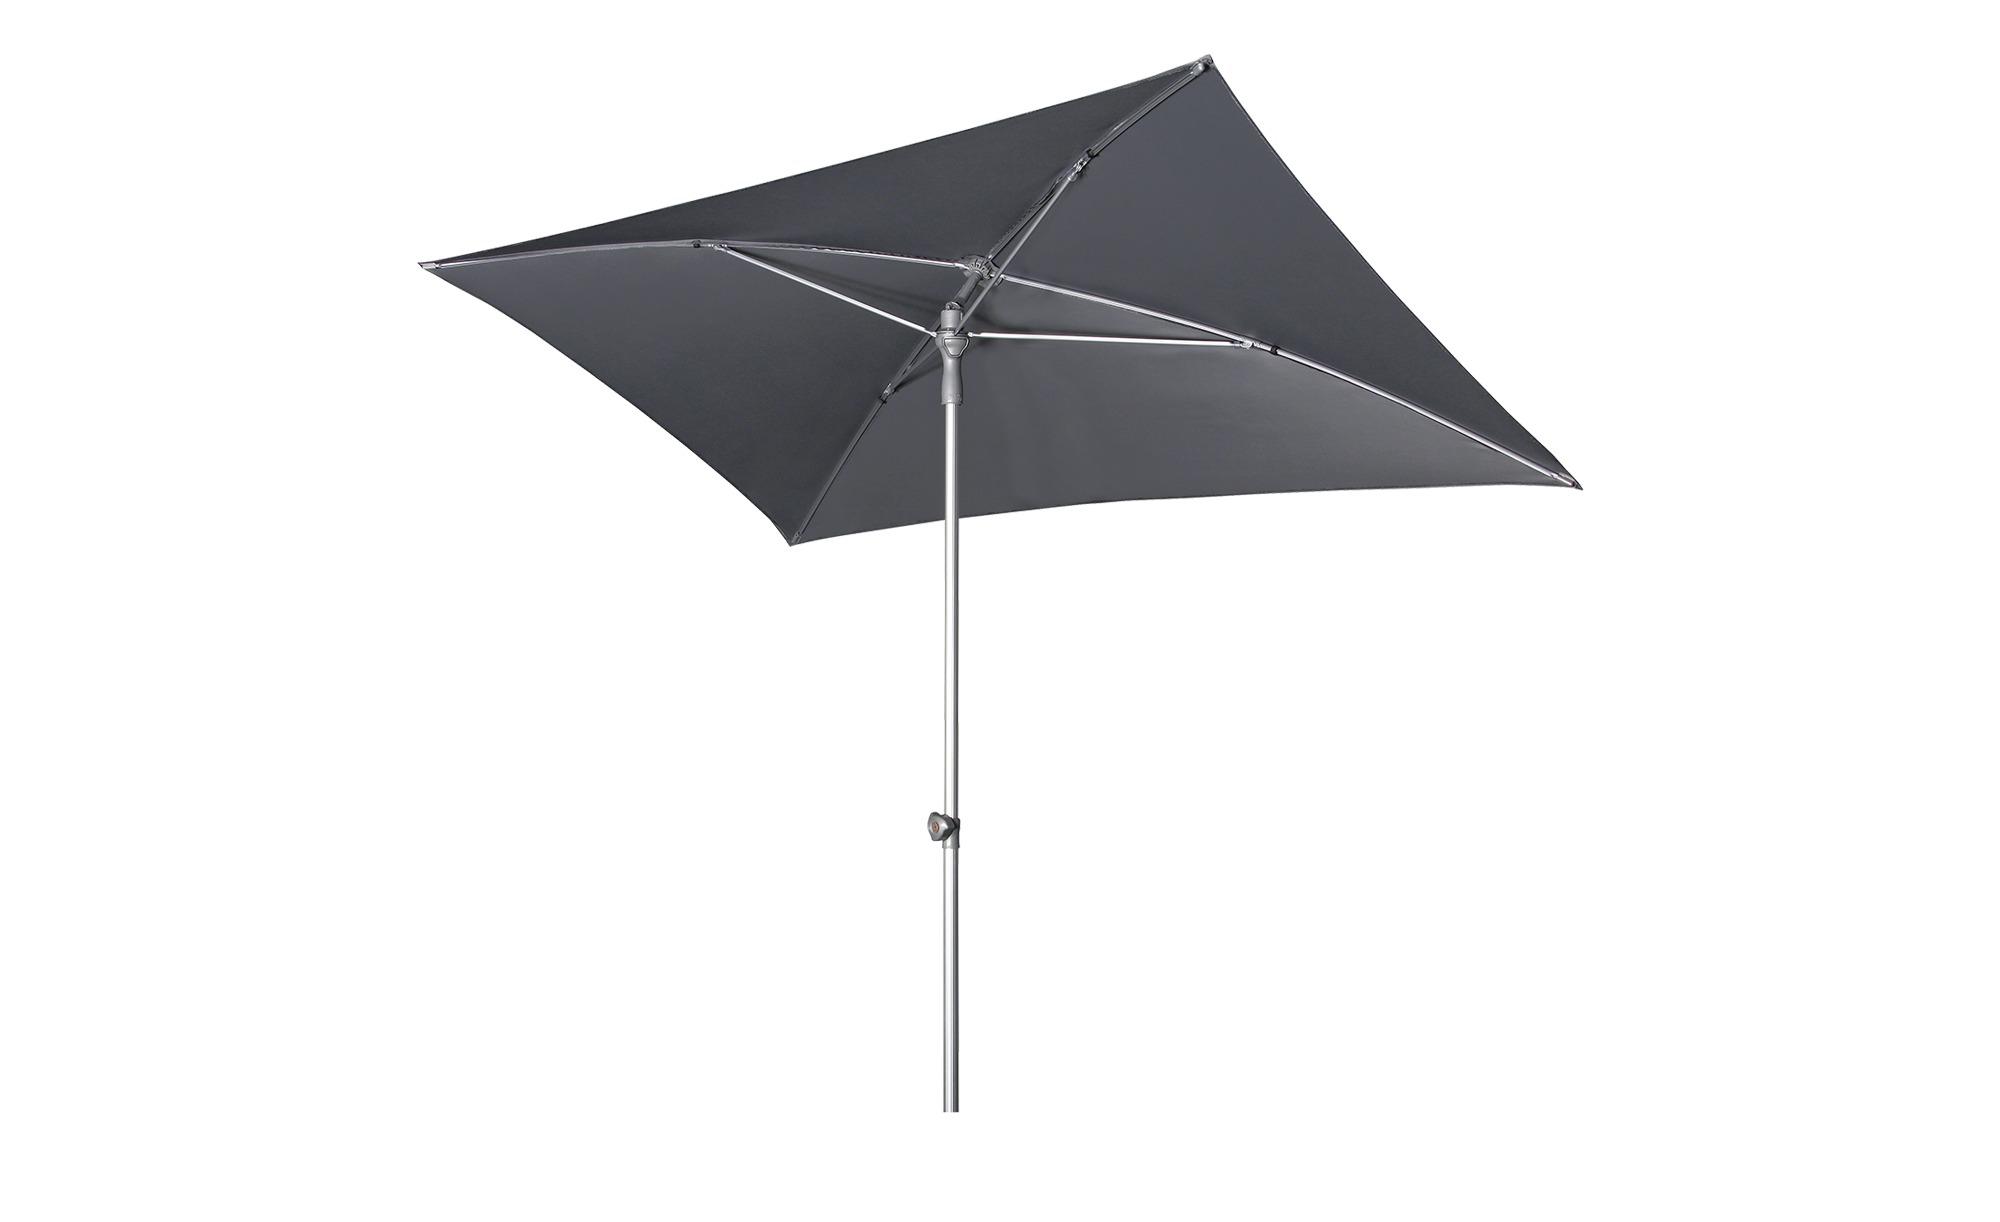 Sonnenschirm - grau - Garten > Sonnenschutz > Sonnenschirme - Möbel Kraft günstig online kaufen